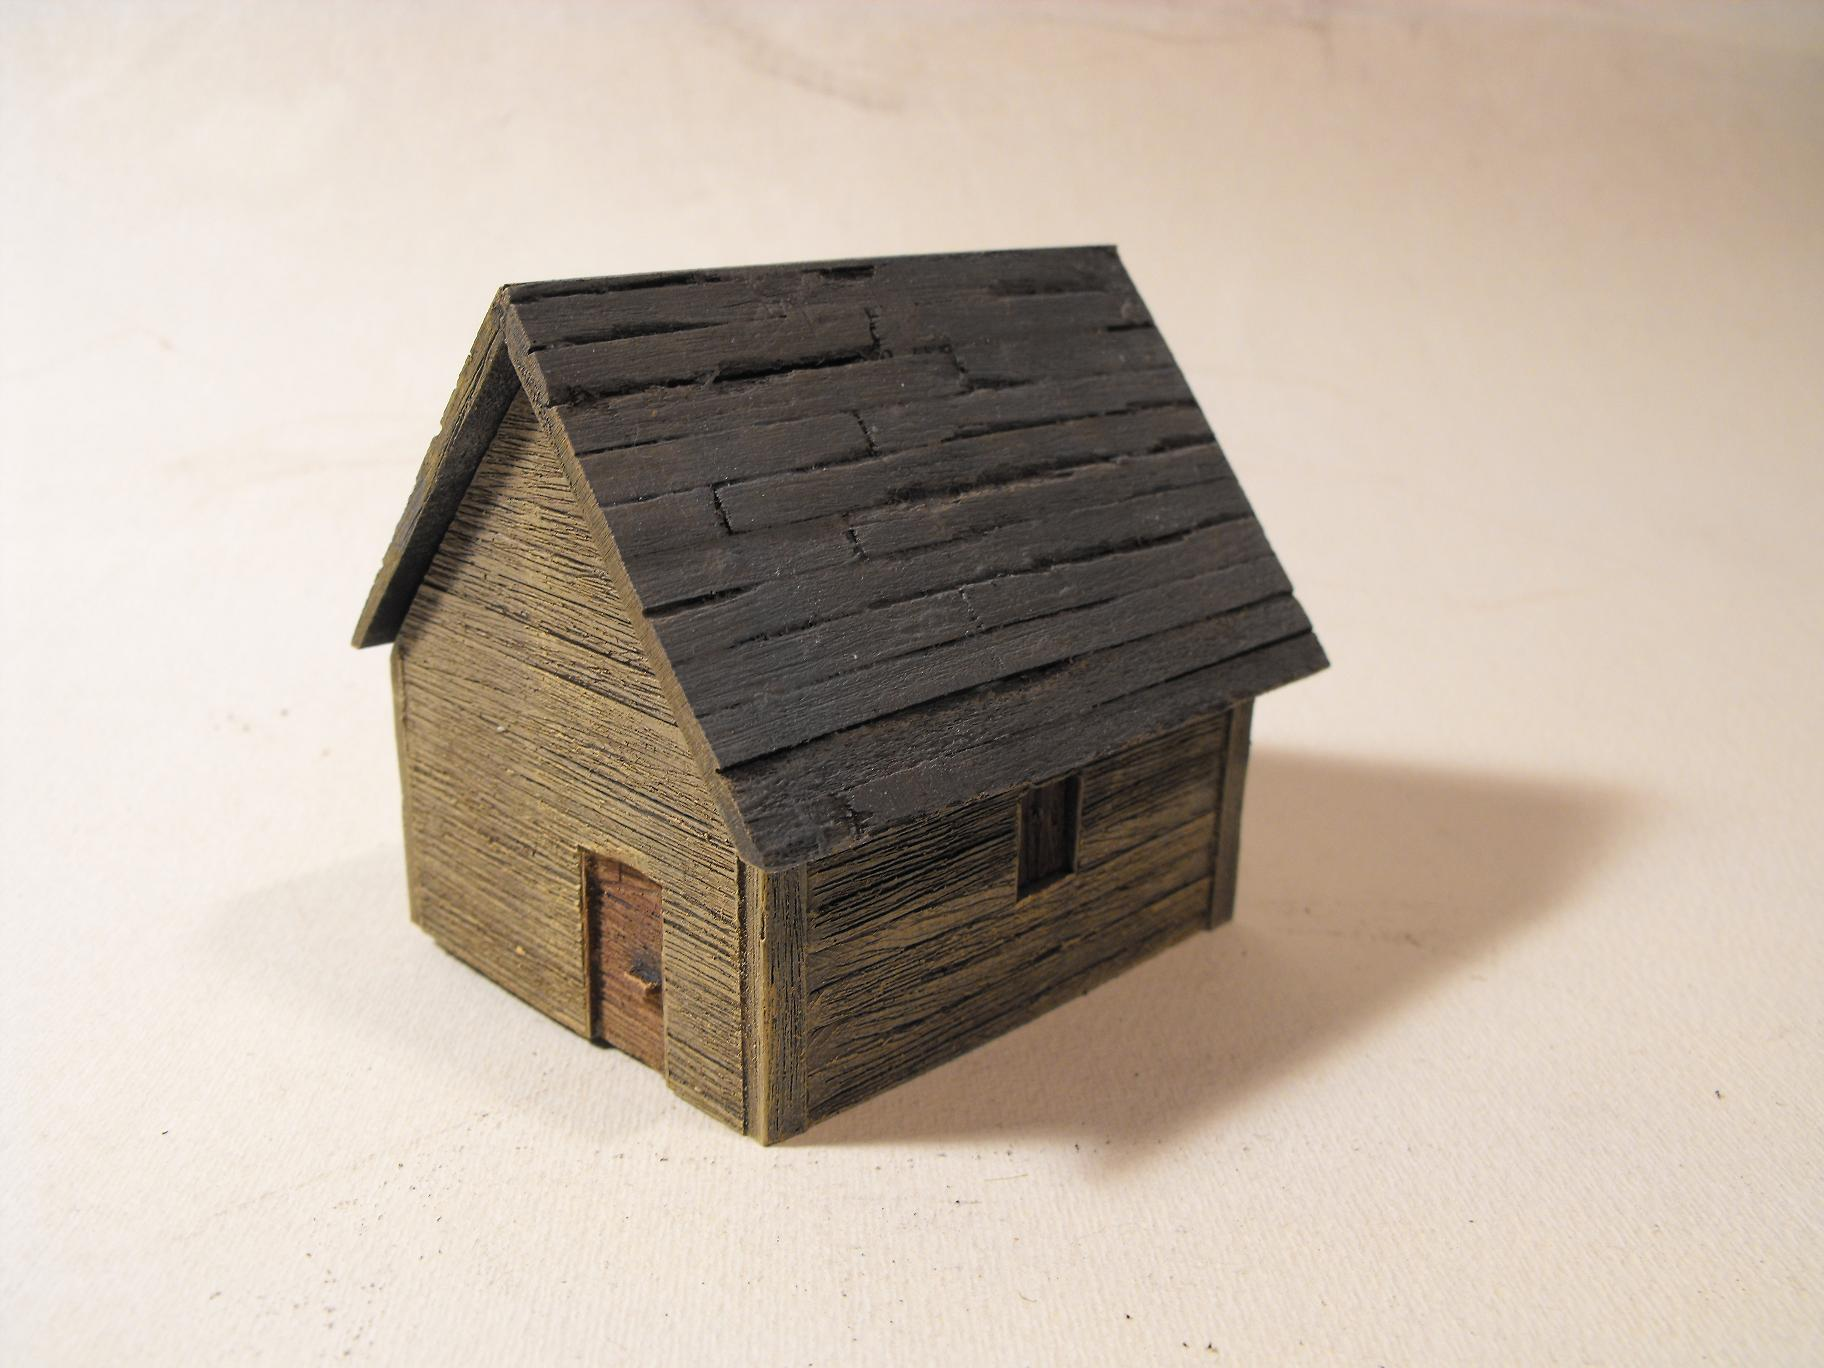 Miglior allarme gsm per casa in legno for Ho bisogno di una casa